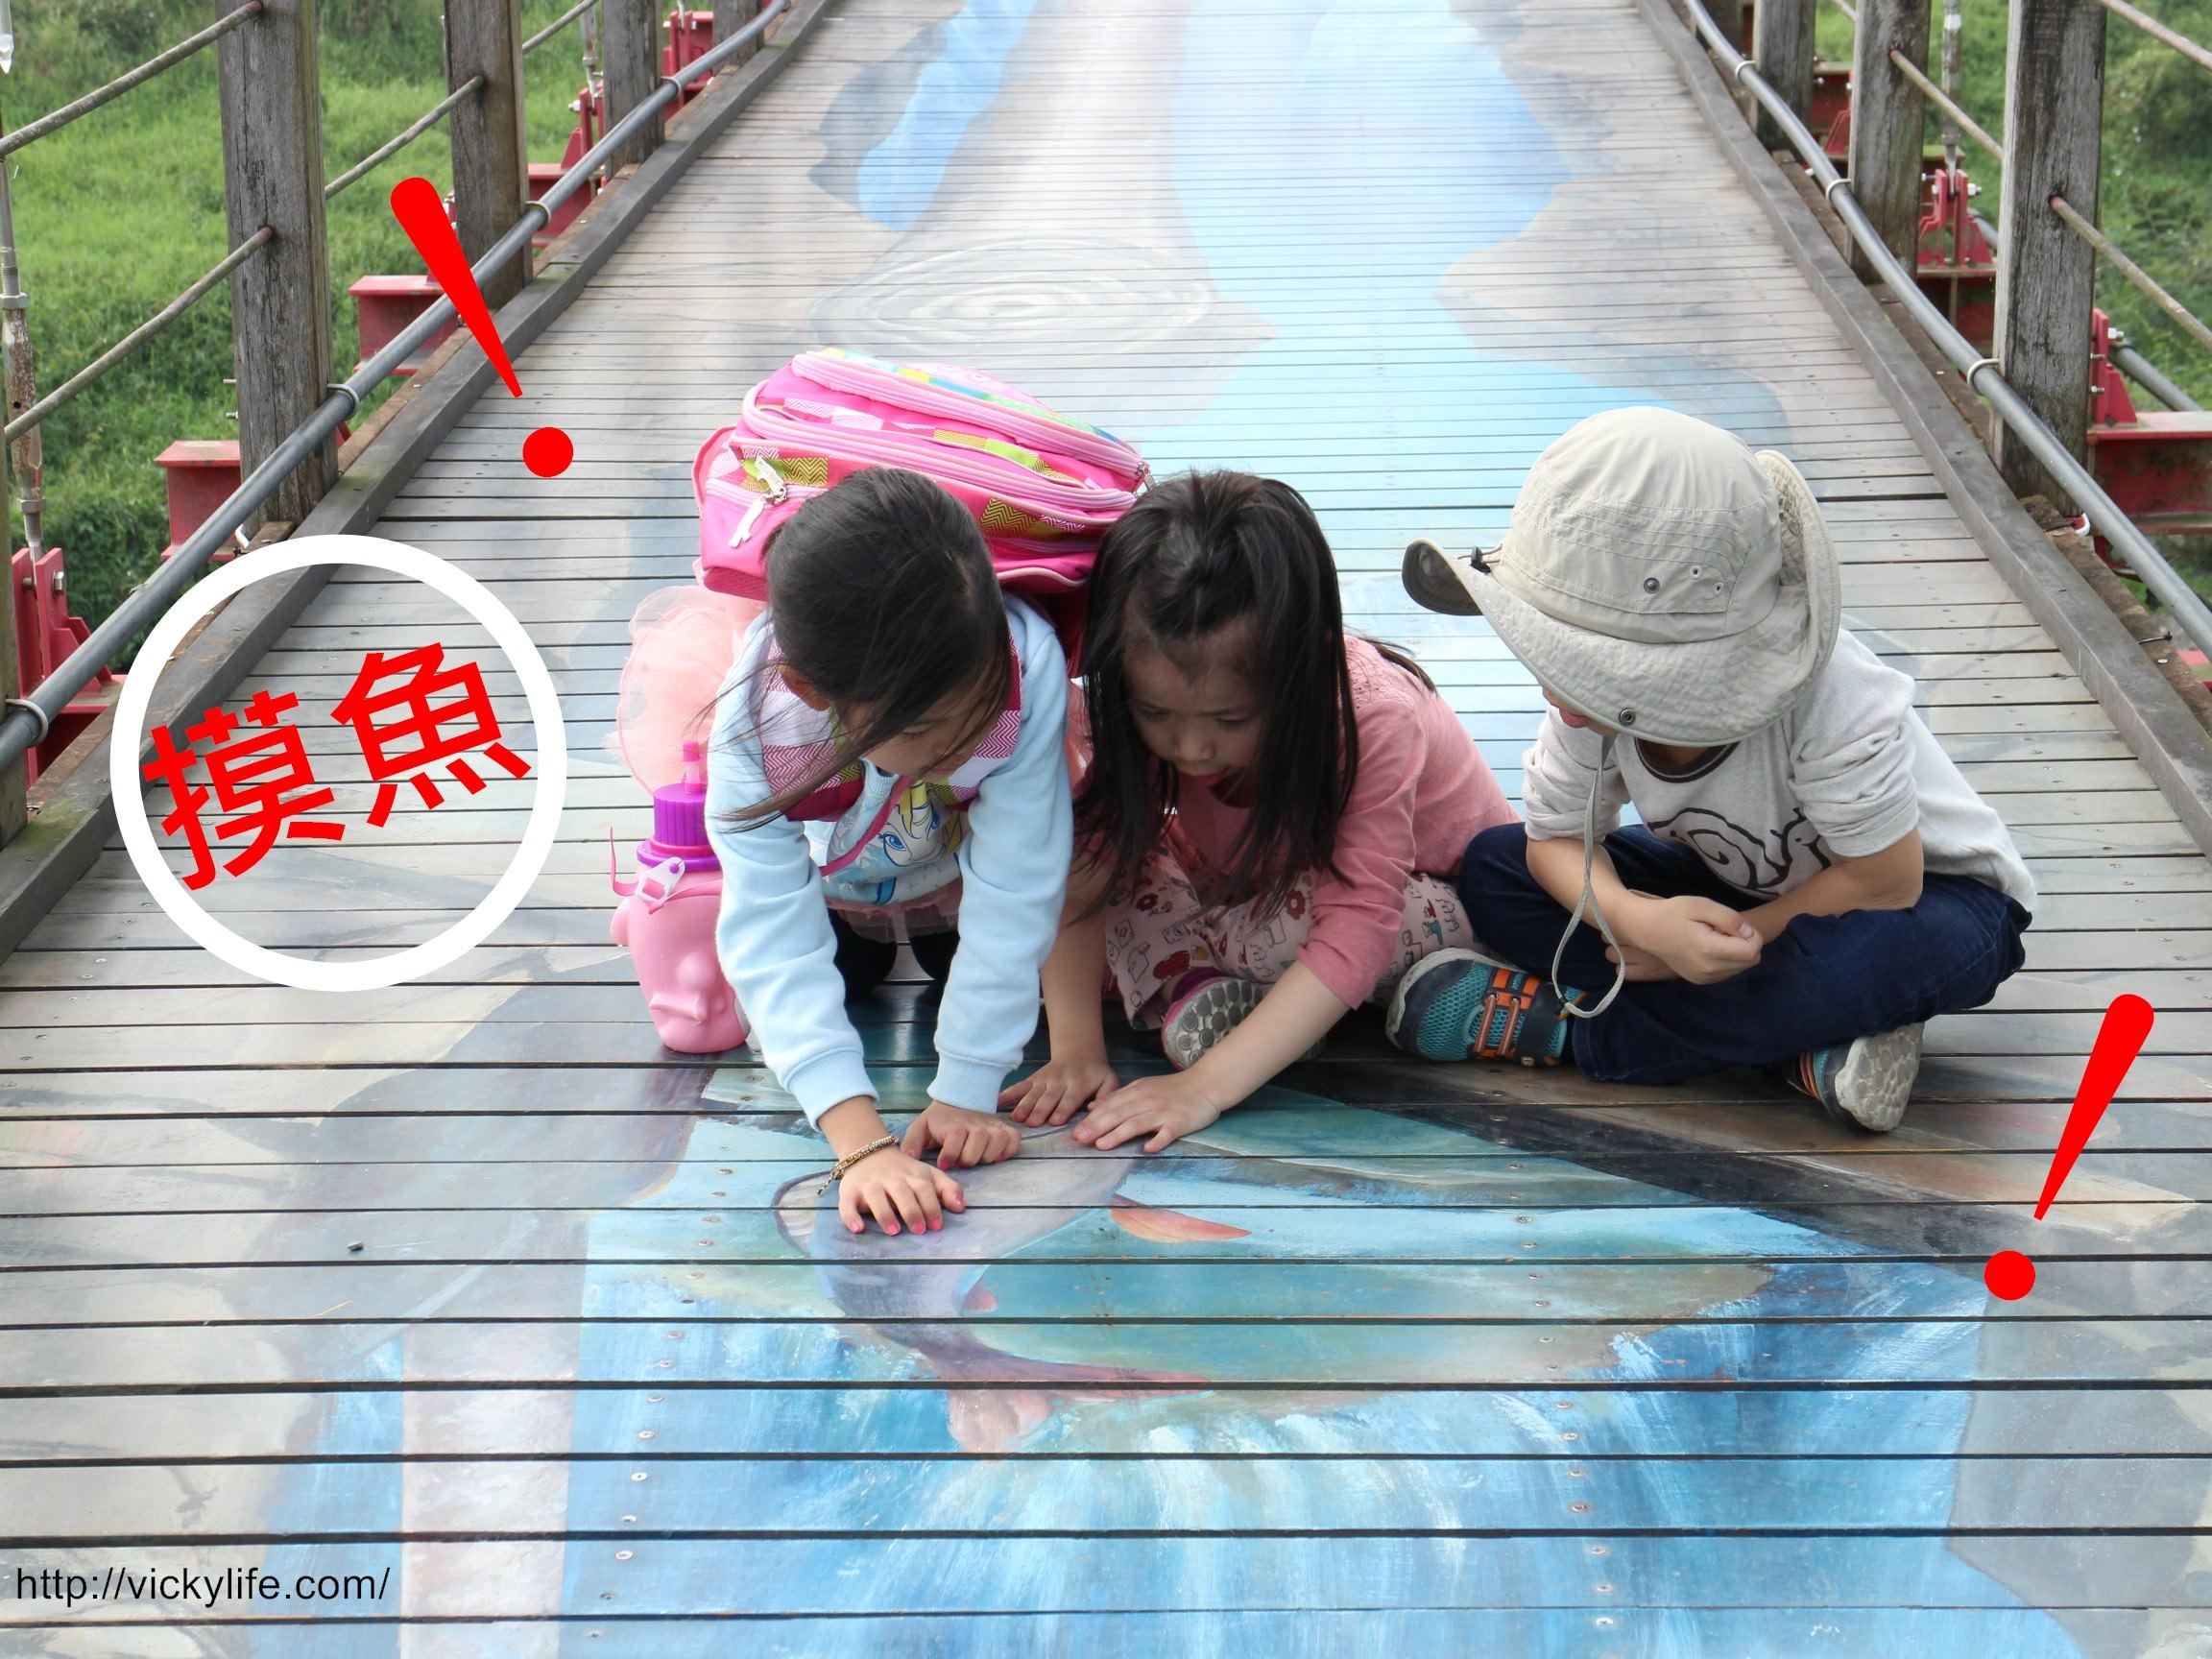 屏東景點︱萬巒彩繪吊橋:全台第一座3D彩繪吊橋,一定要來拍,鯊魚大口咬下萬巒豬腳的畫面